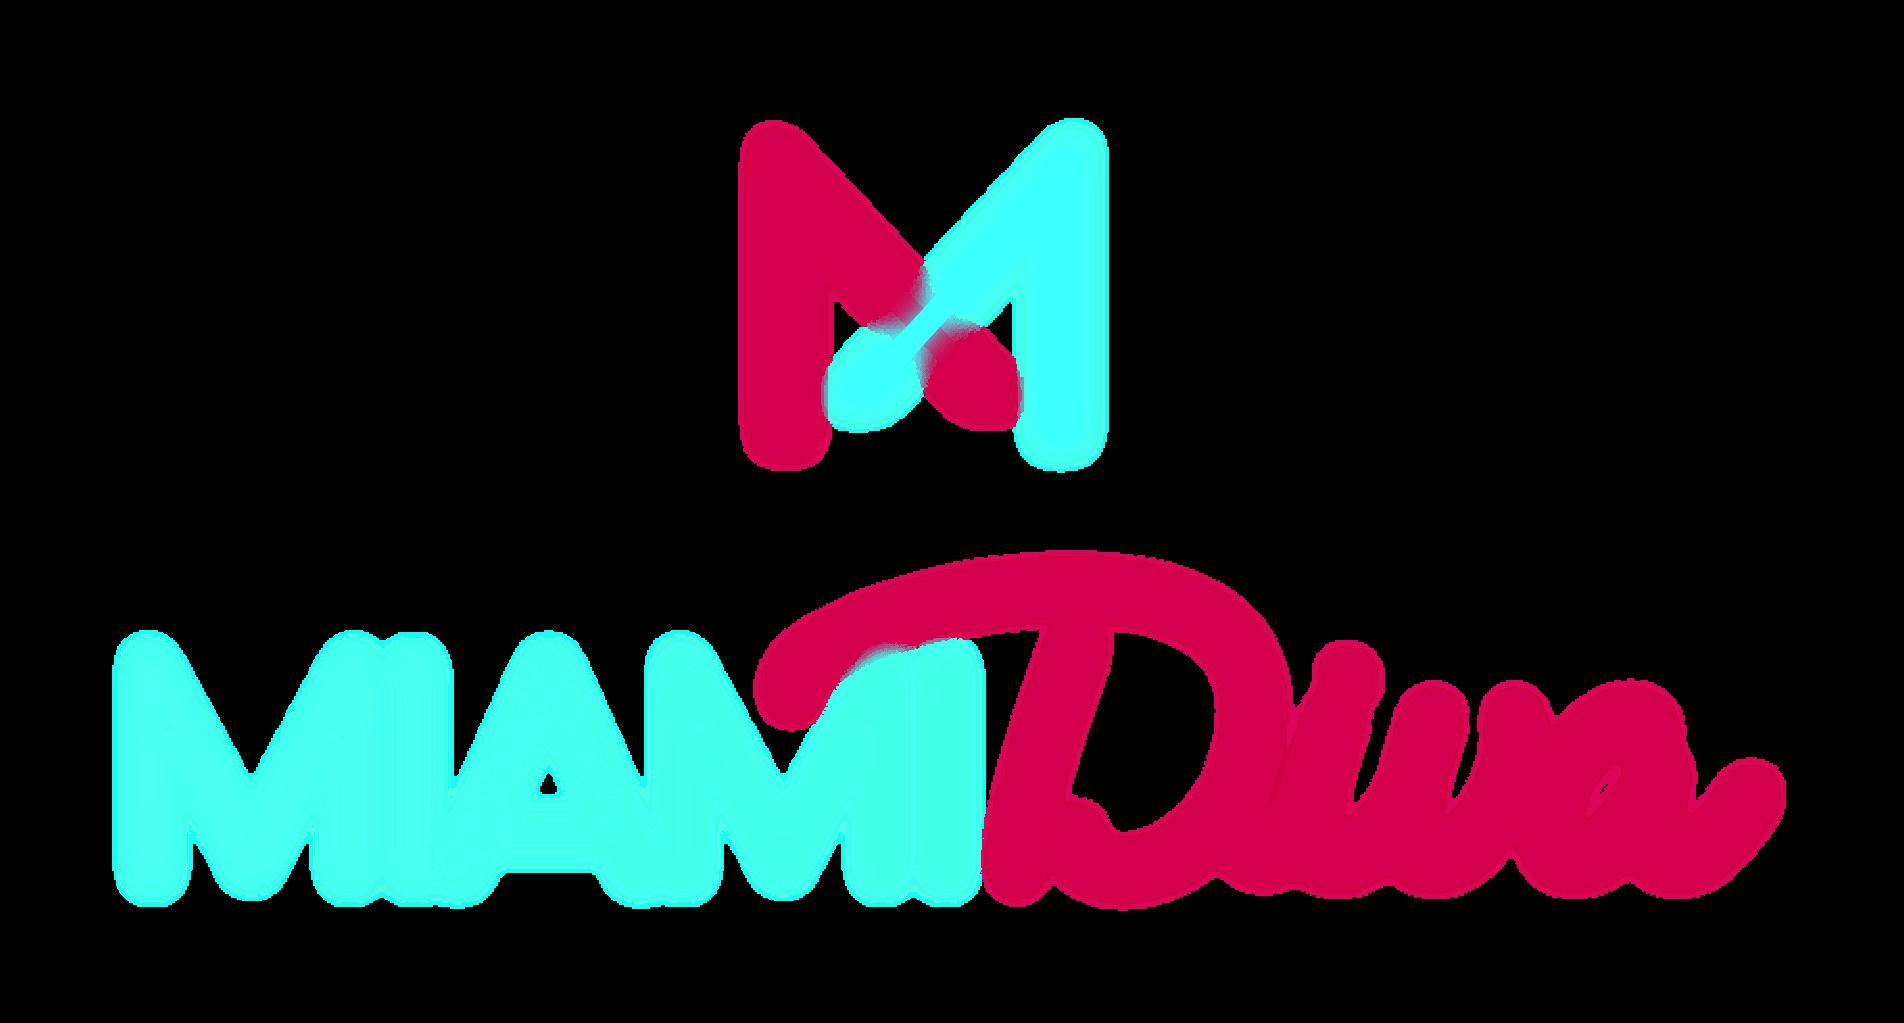 Miami Diva